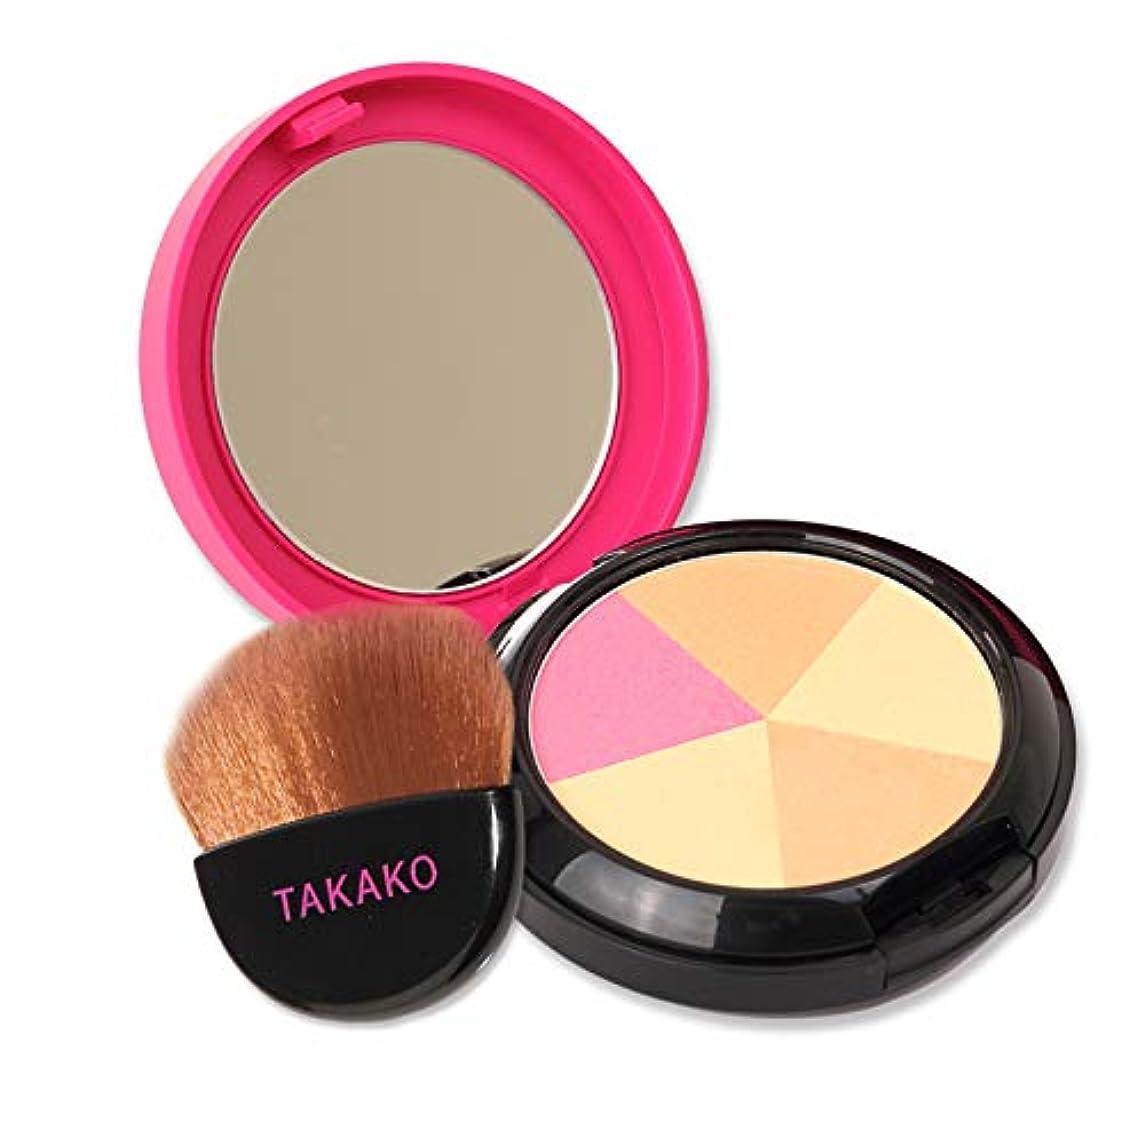 規範適切に許可するTAKAKO スターリングパウダー フェイスパウダー 厳選3色でツヤ肌 フェースパウダー プレストパウダー 12g TAKAKO Power of Beauty STARRING POWDER【タカコ コスメ】